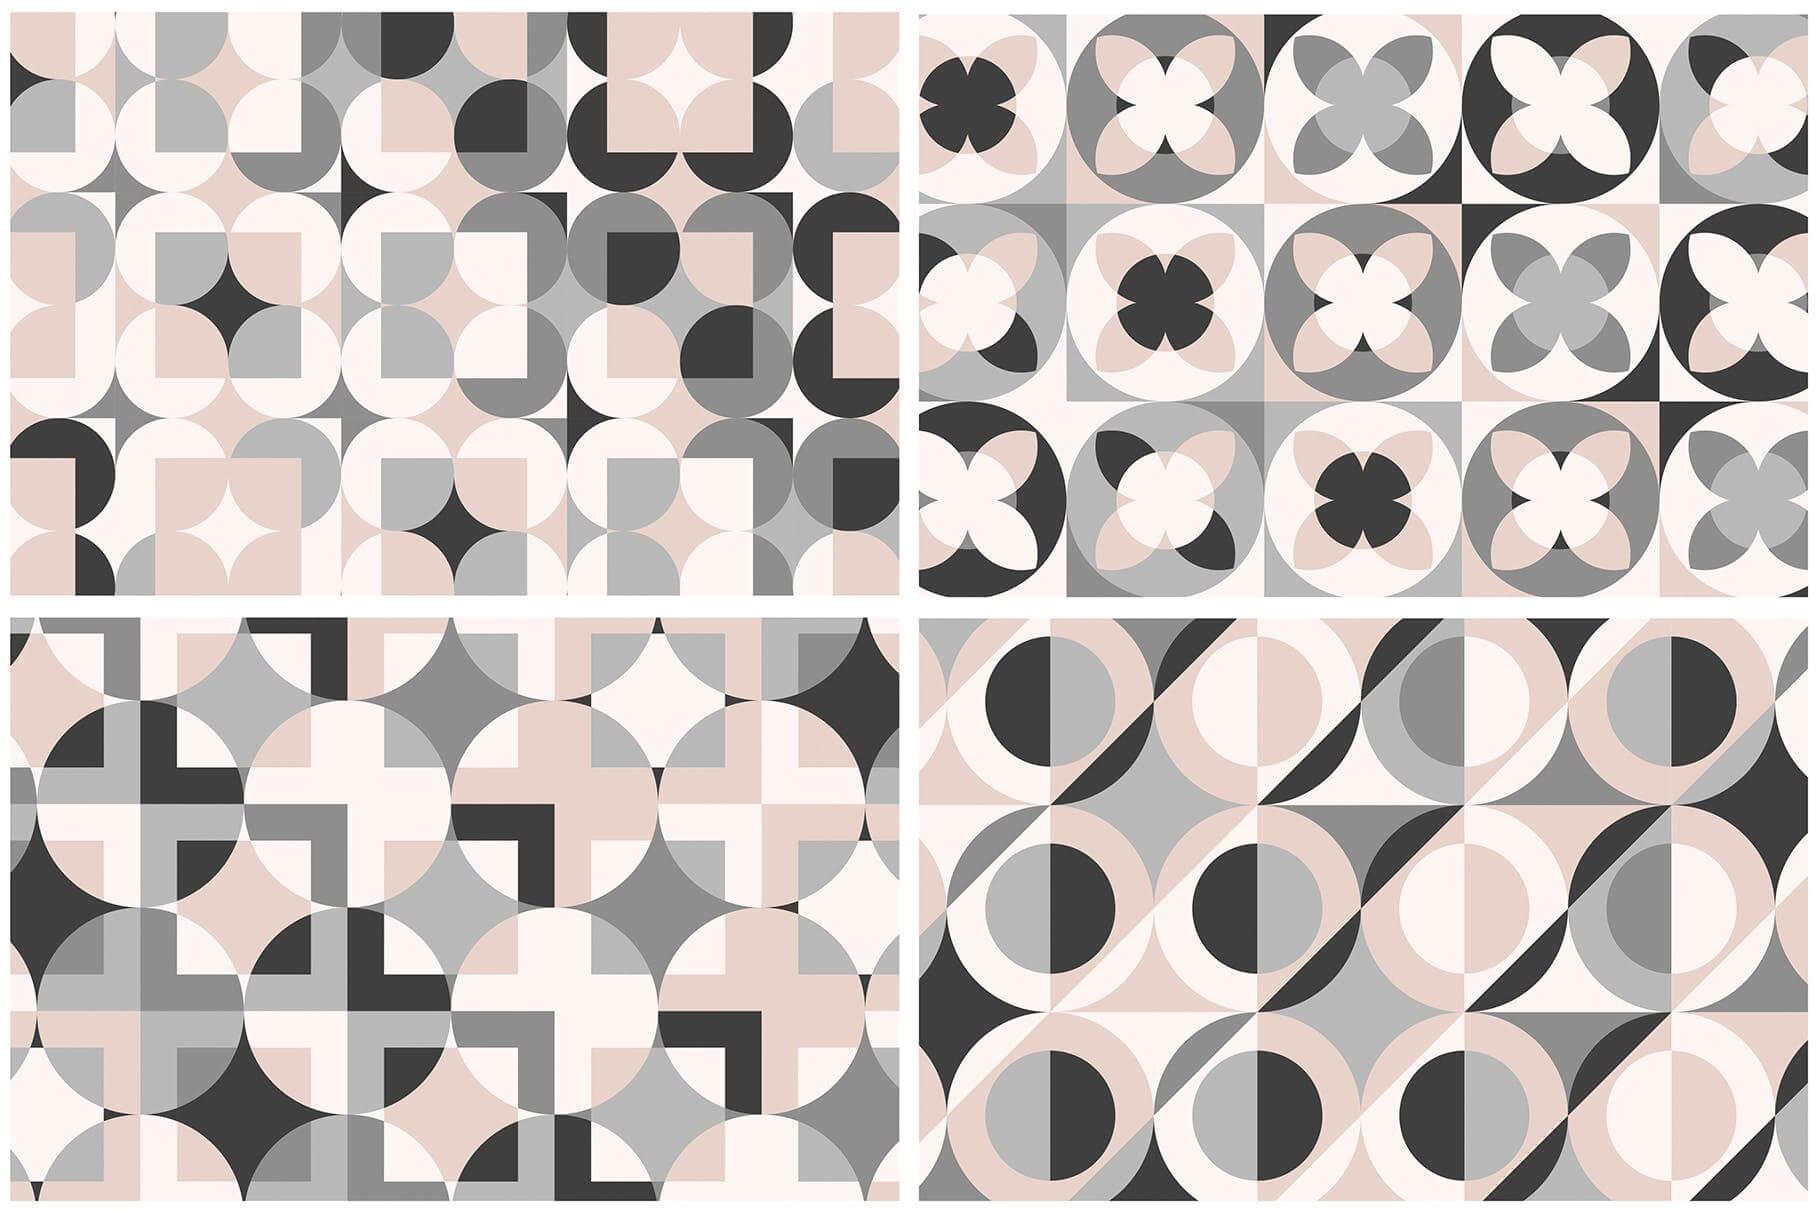 布艺面料装饰纹理图案花纹品牌辅助图形Geometric Play Patterns Tiles插图(8)